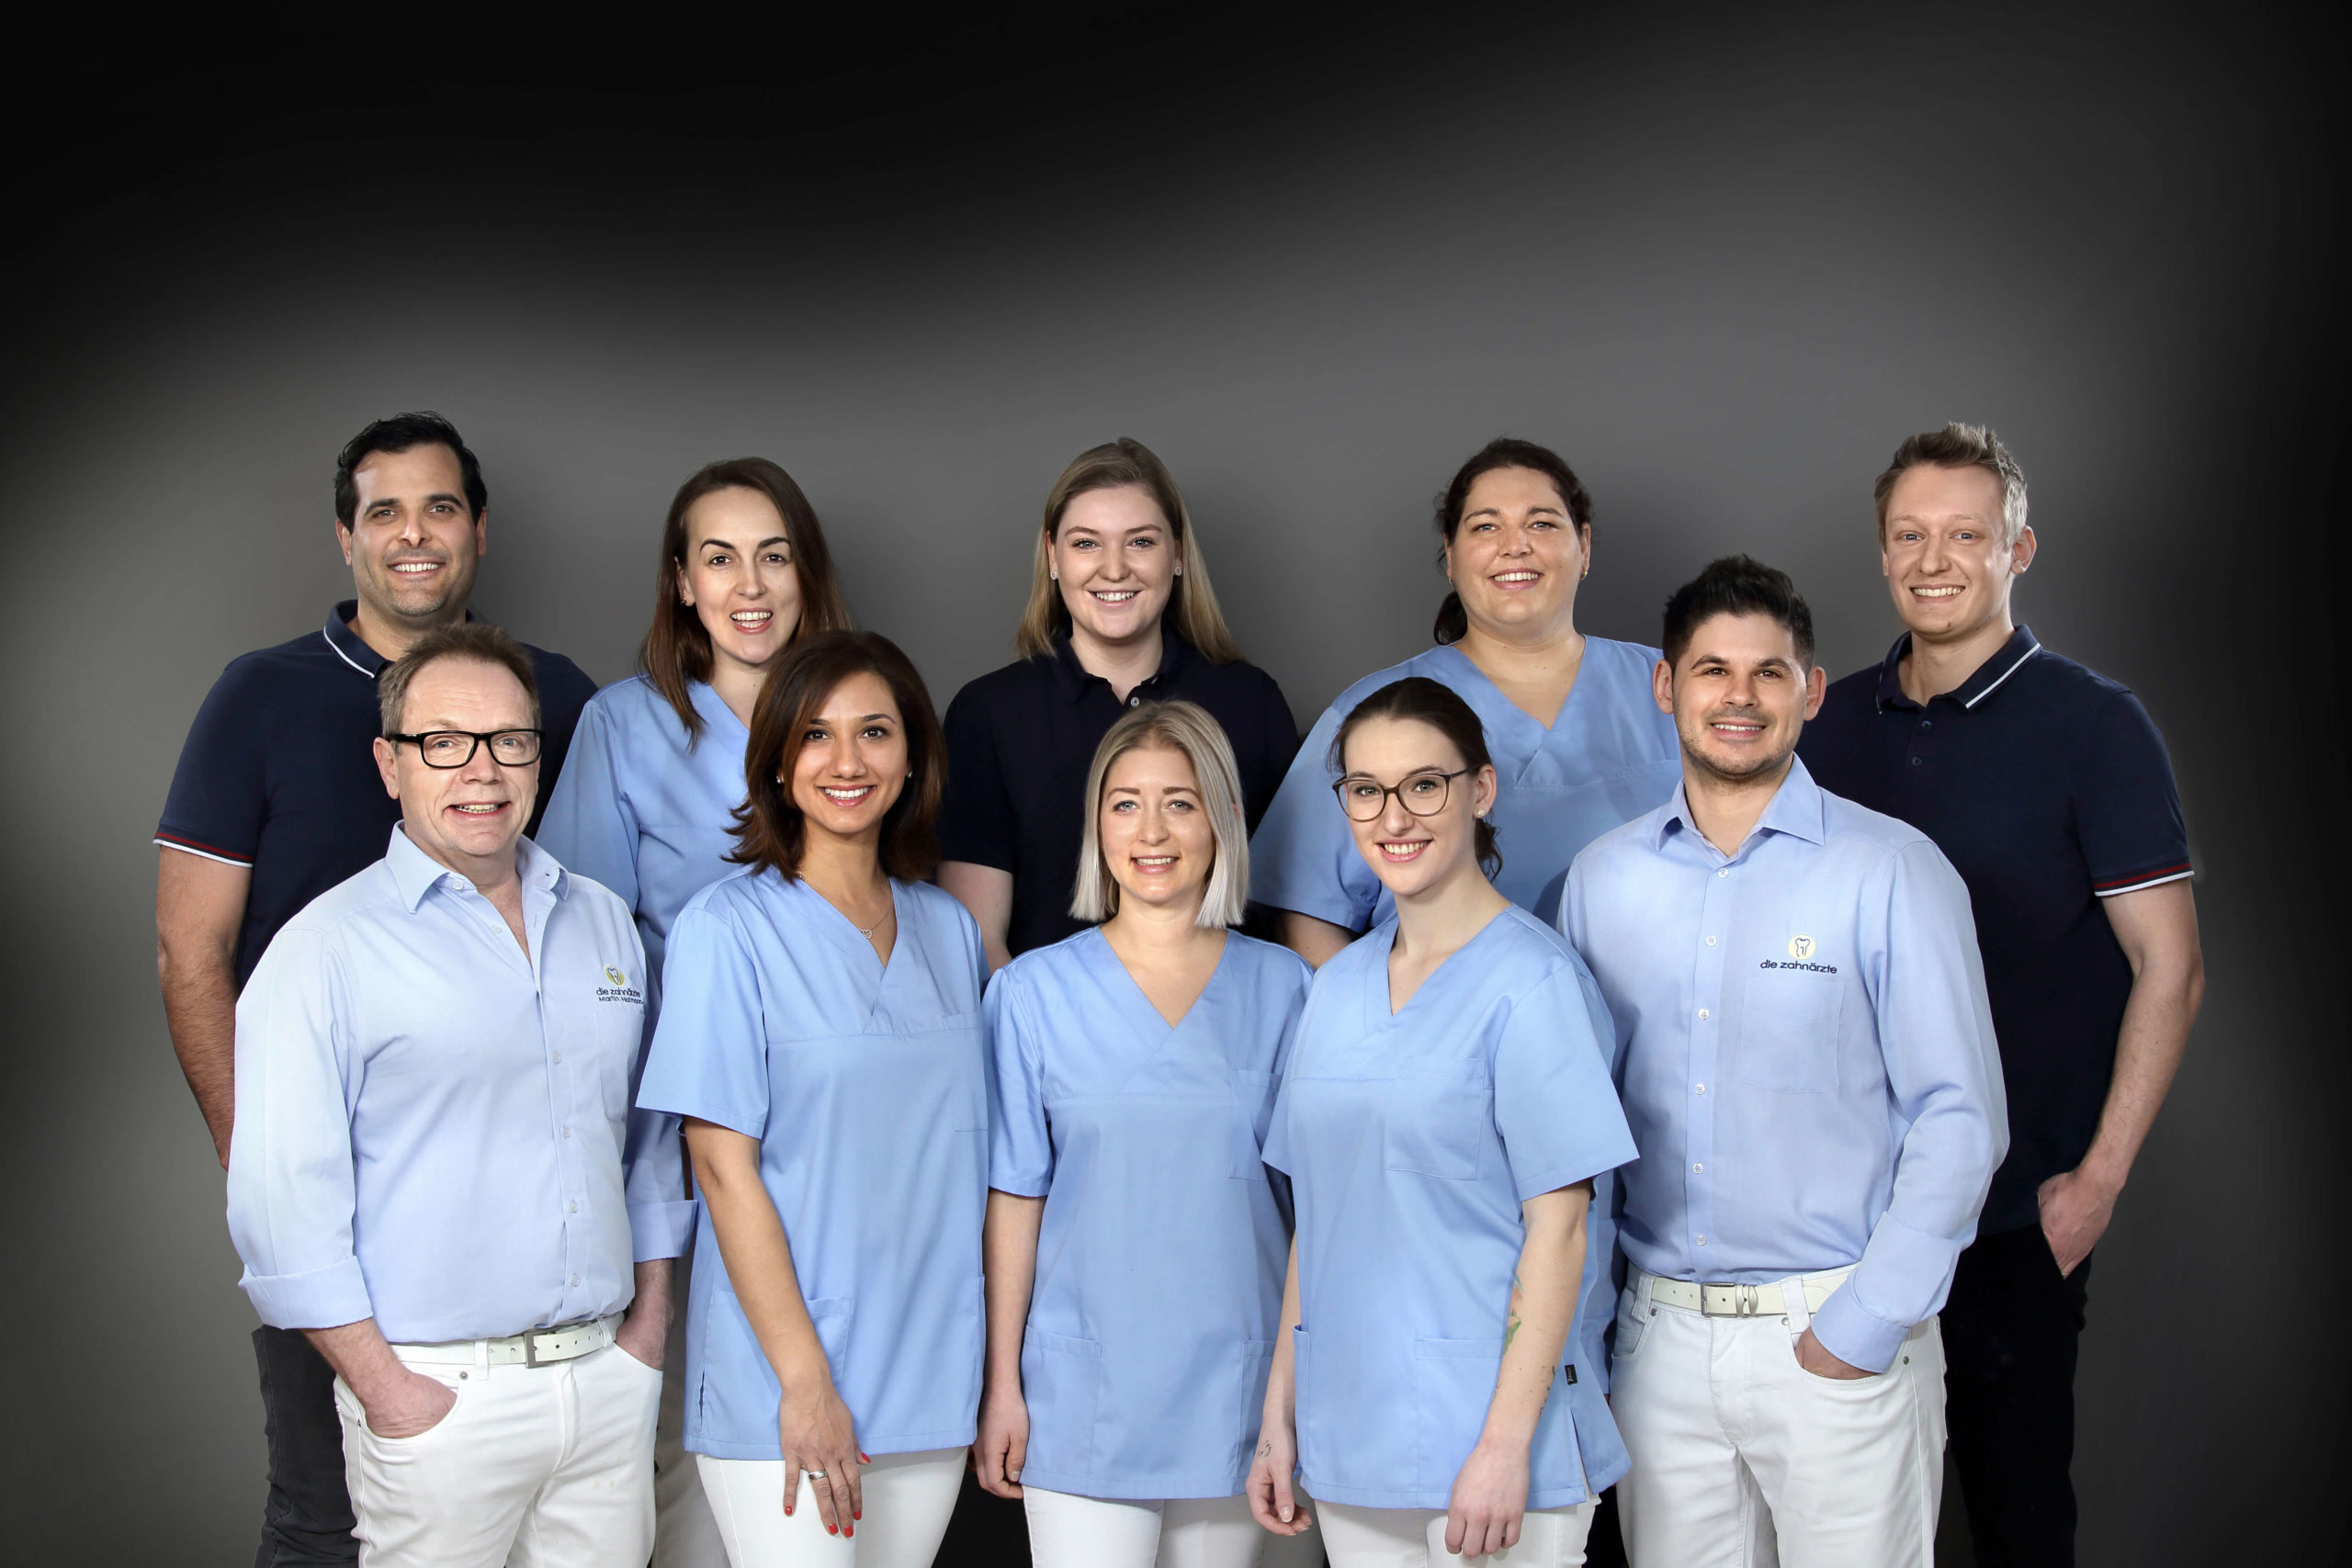 PraxisTEAM-Paradontologie die Zahnärzte Karlsruhe